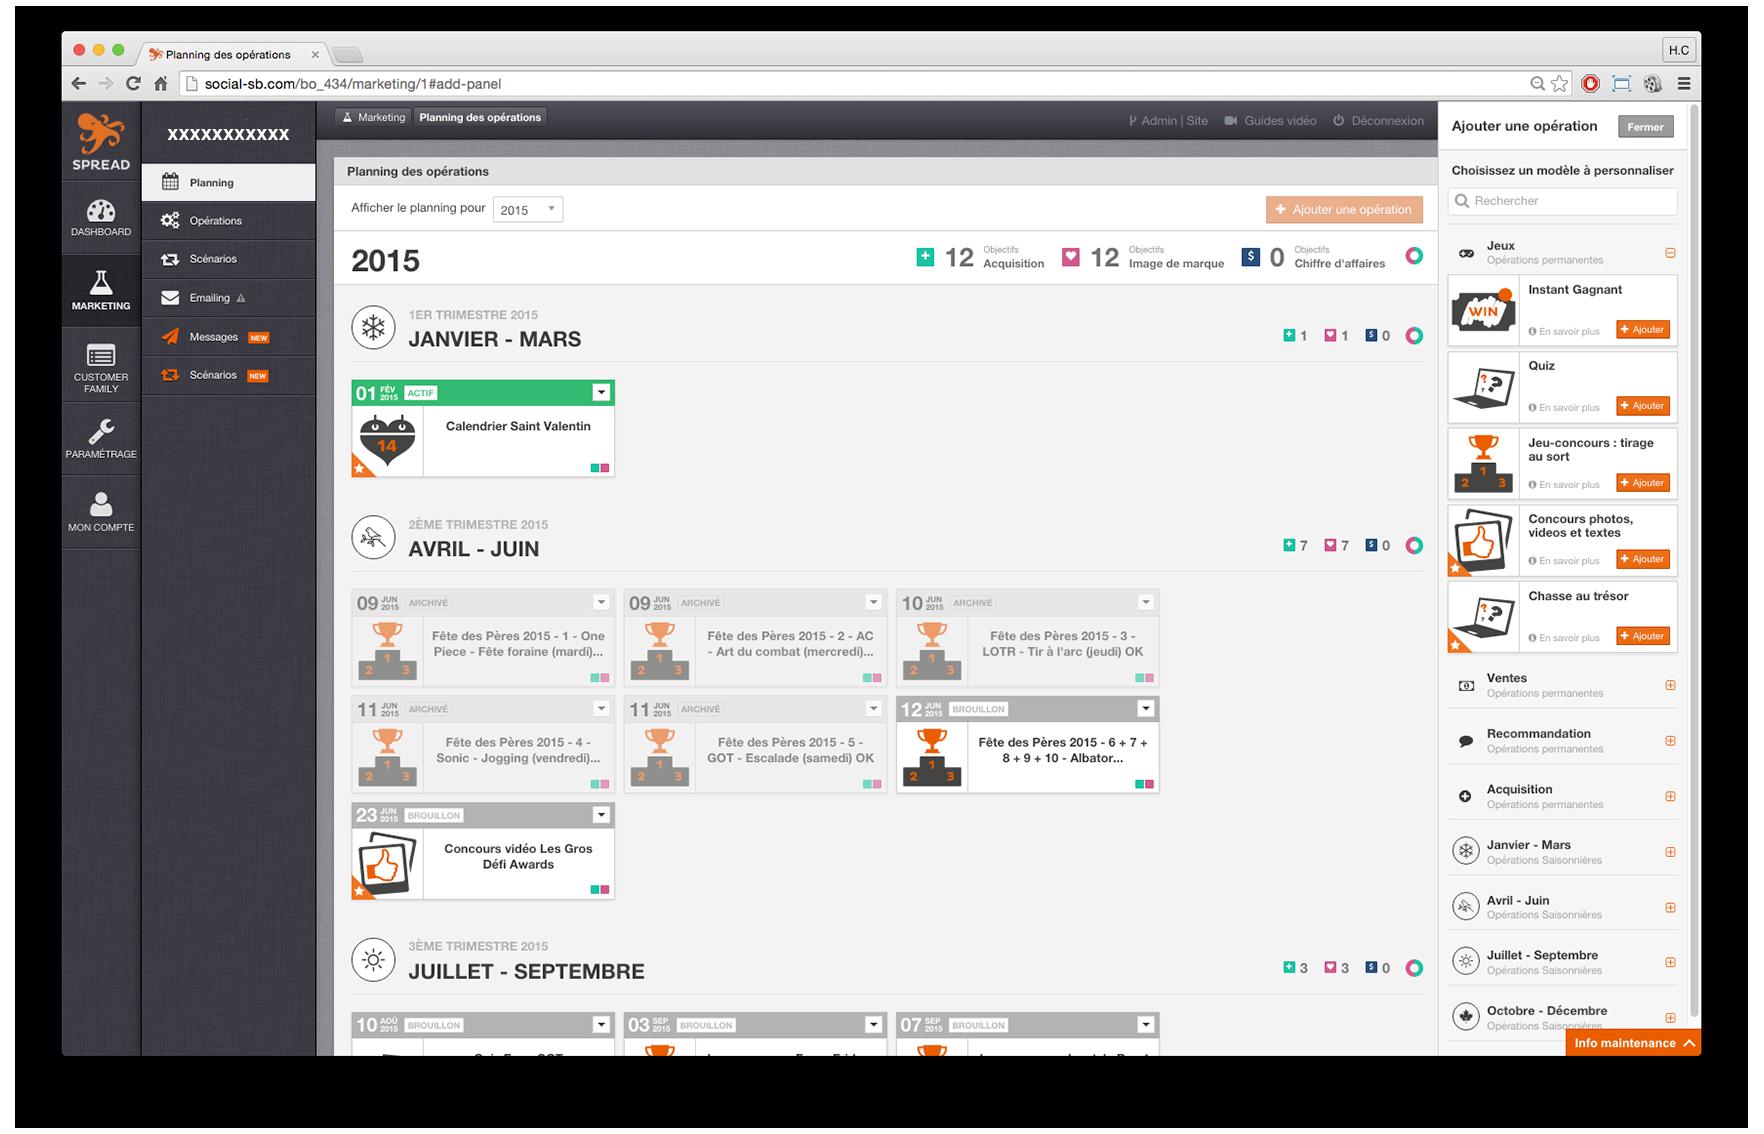 Spread Familia: página de darse de baja, tipo de contacto, la identificación de los usuarios / empresas